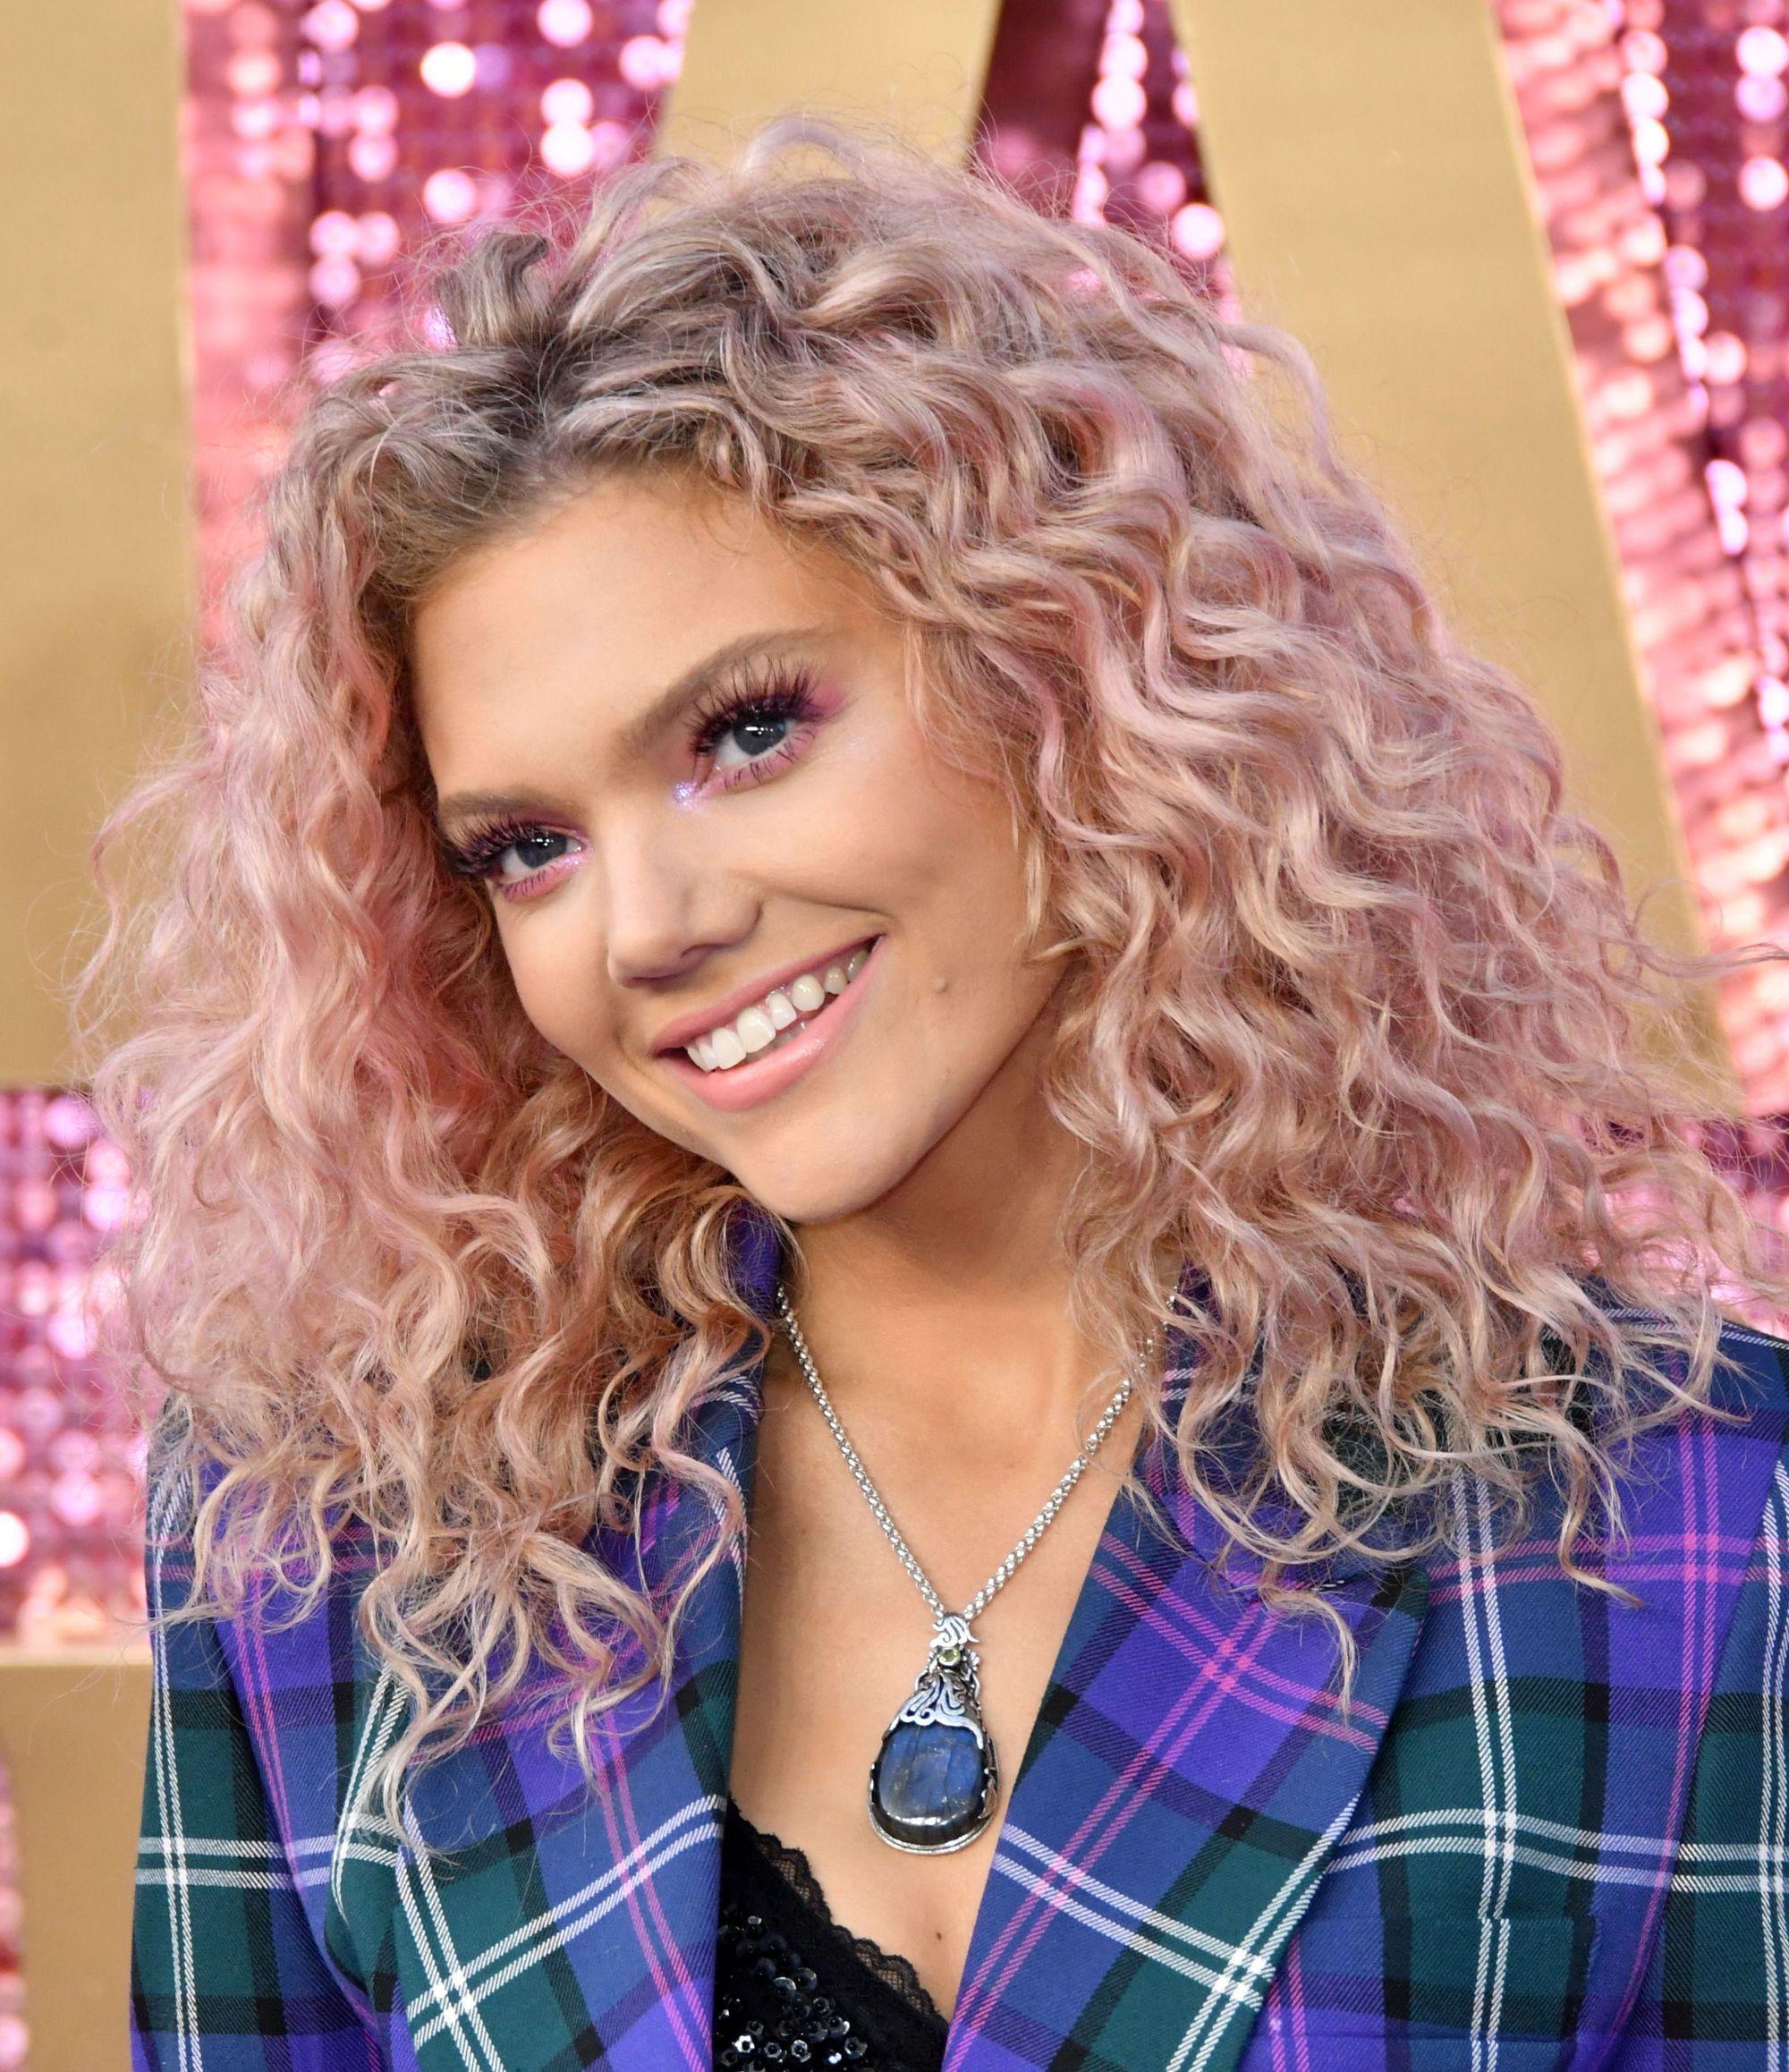 Becca Dudley aux cheveux bouclés rose pastel